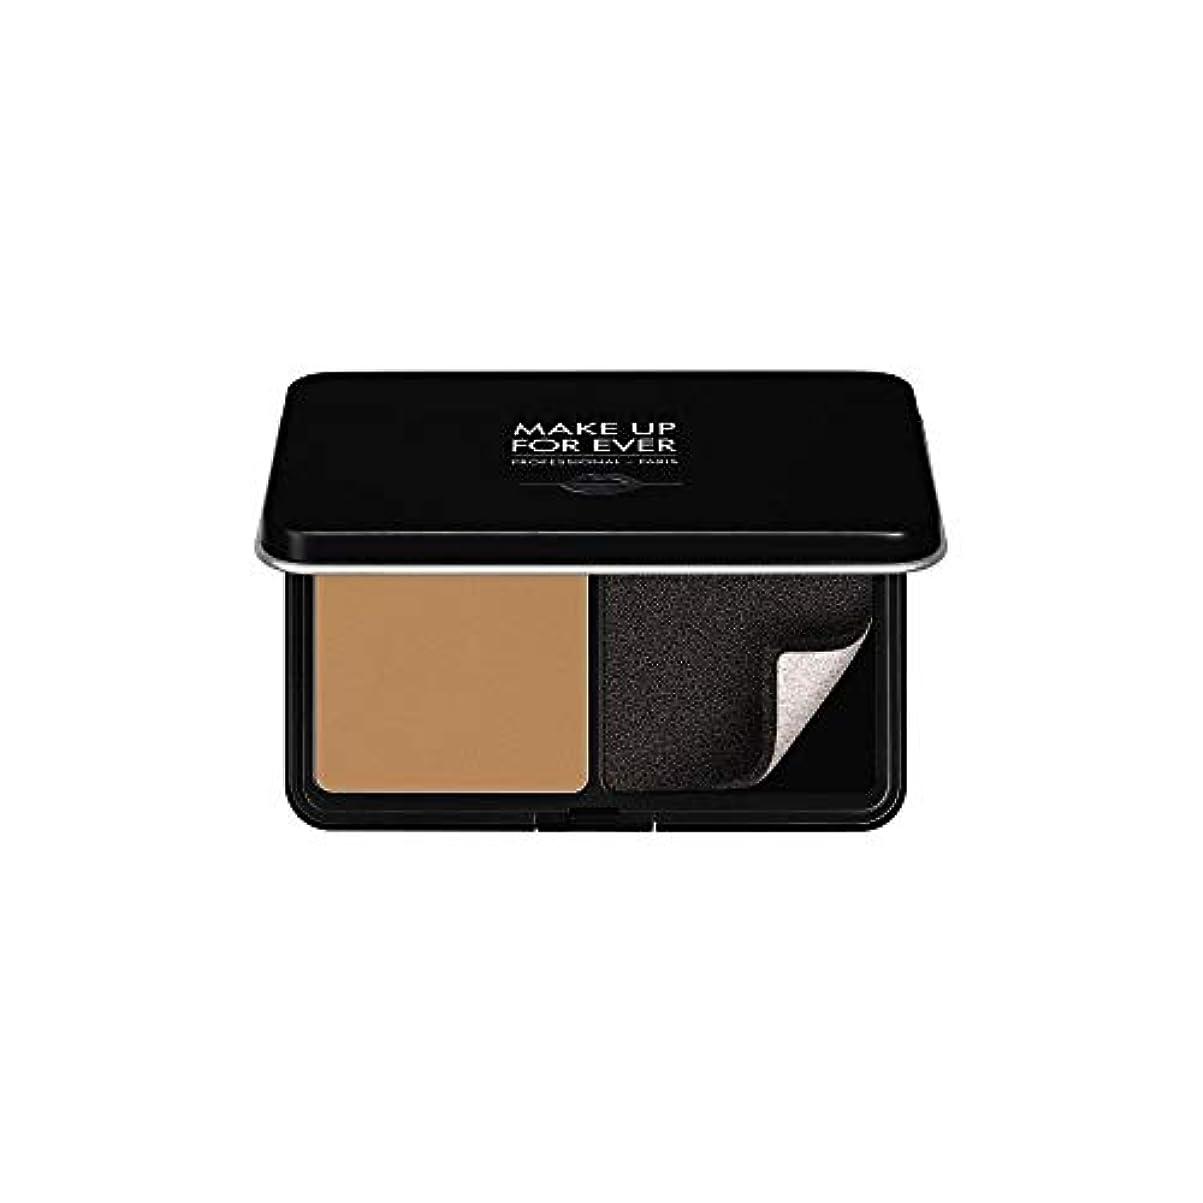 媒染剤熟読筋メイクアップフォーエバー Matte Velvet Skin Blurring Powder Foundation - # Y415 (Almond) 11g/0.38oz並行輸入品